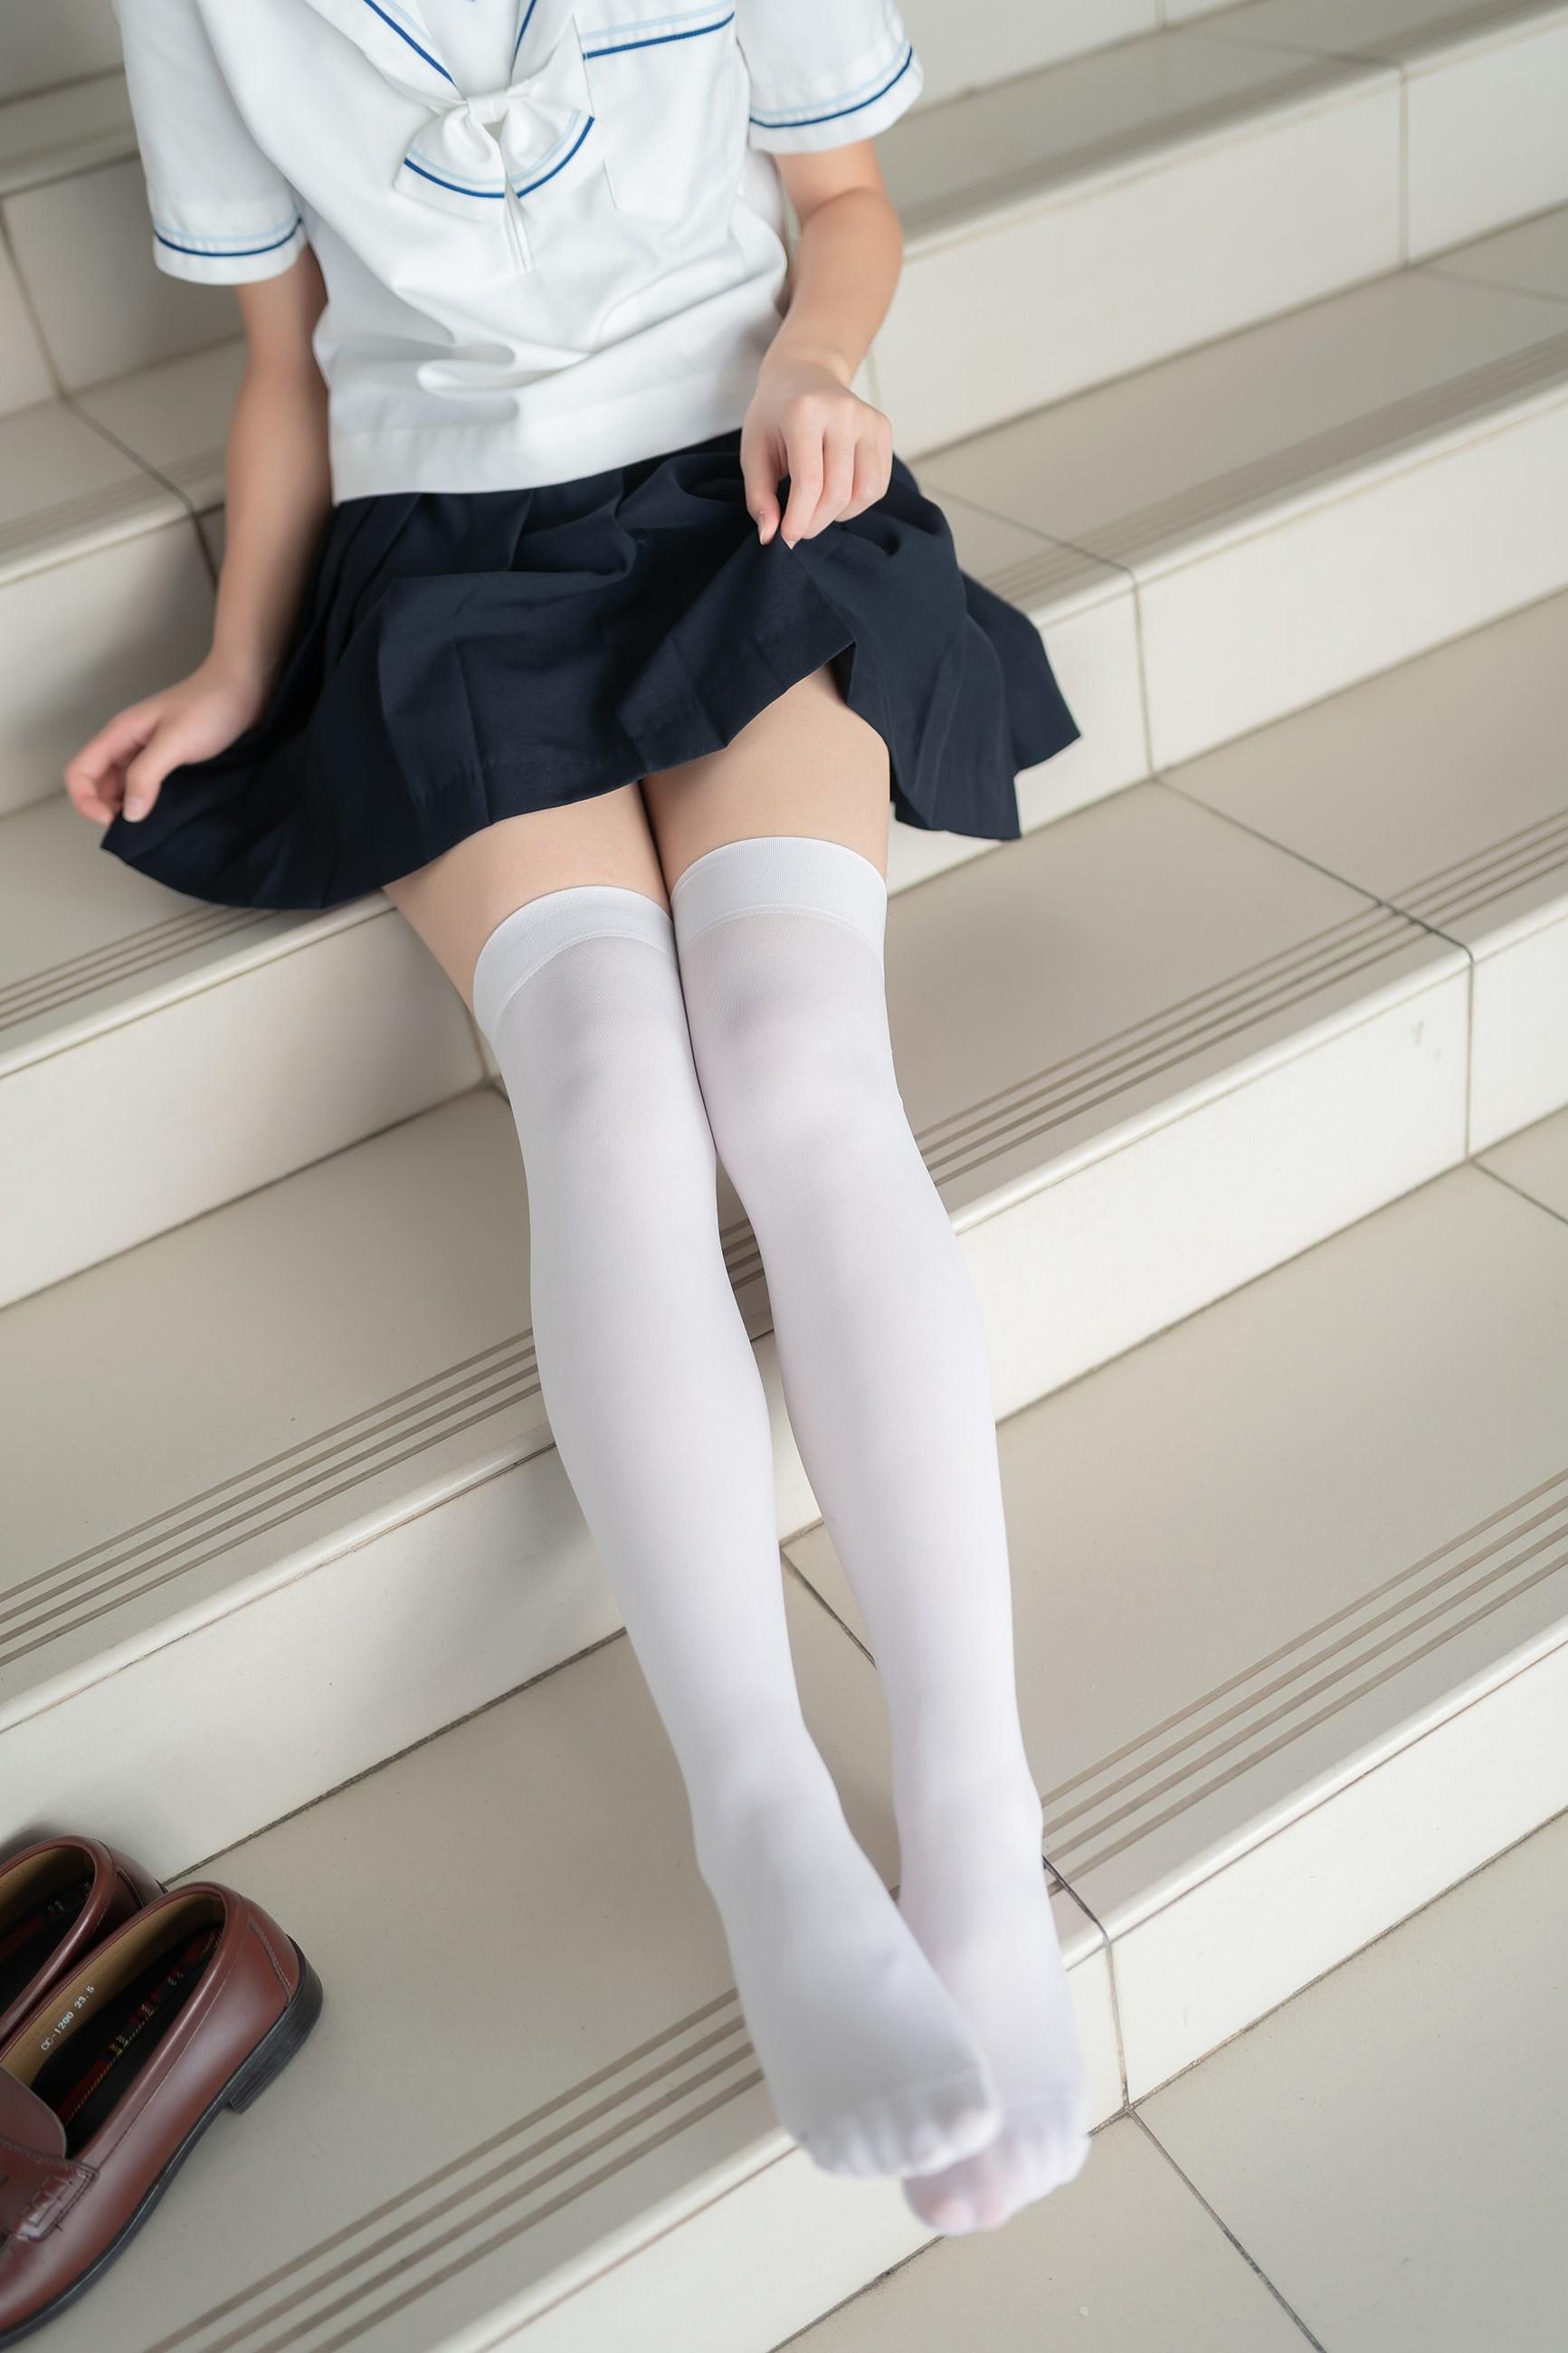 【兔玩映画】楼梯上的白丝少女 兔玩映画 第33张